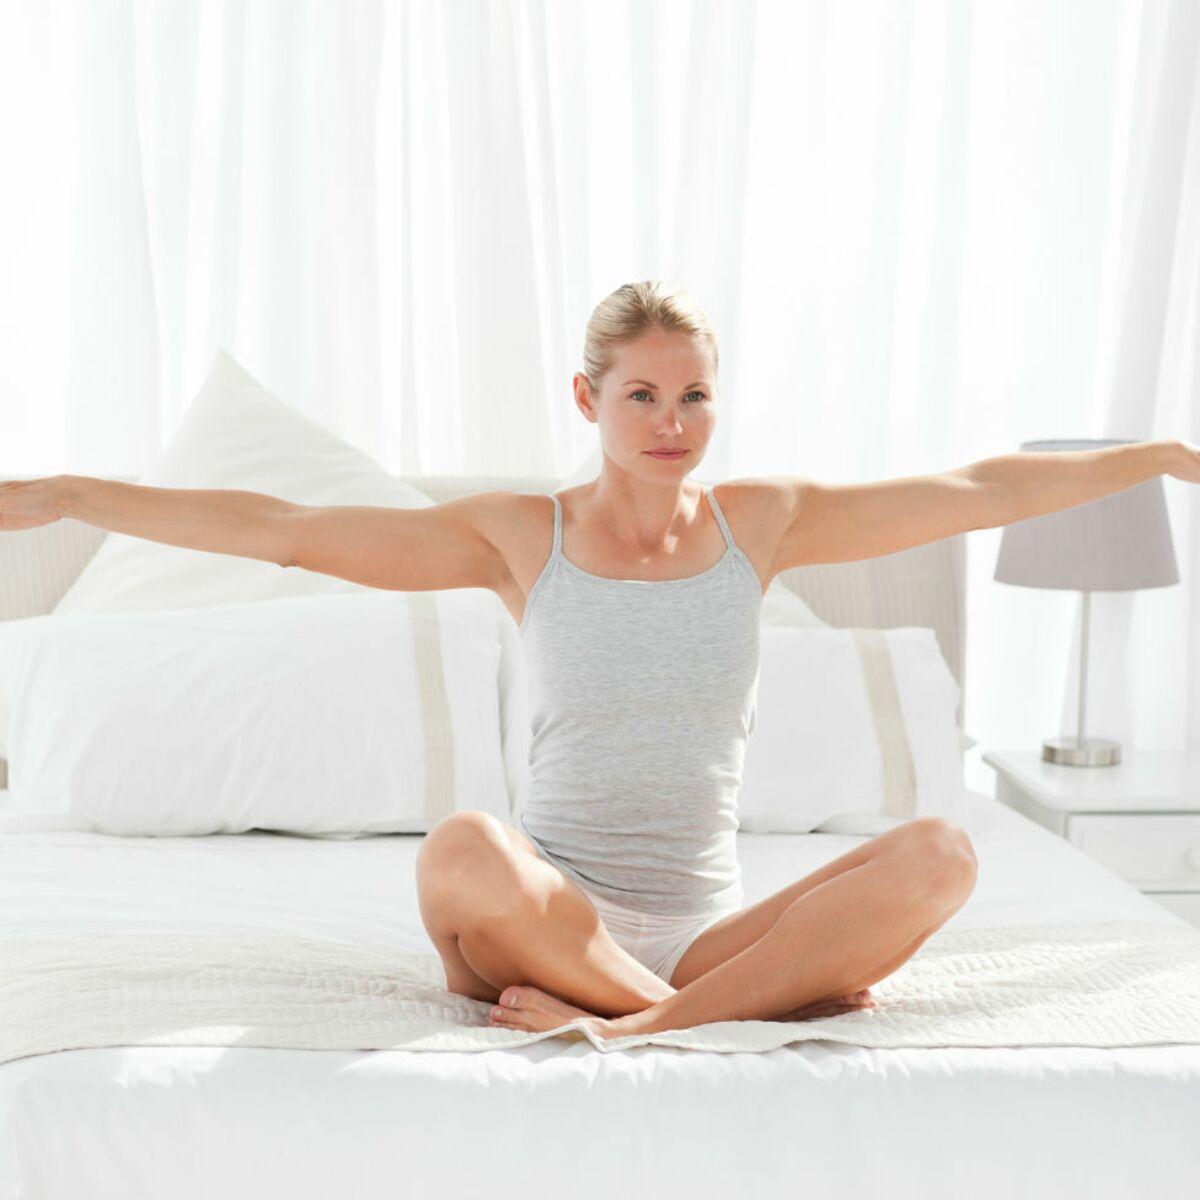 Gymnastique A Faire Chez Soi une séance de pilates express avant d'aller se coucher